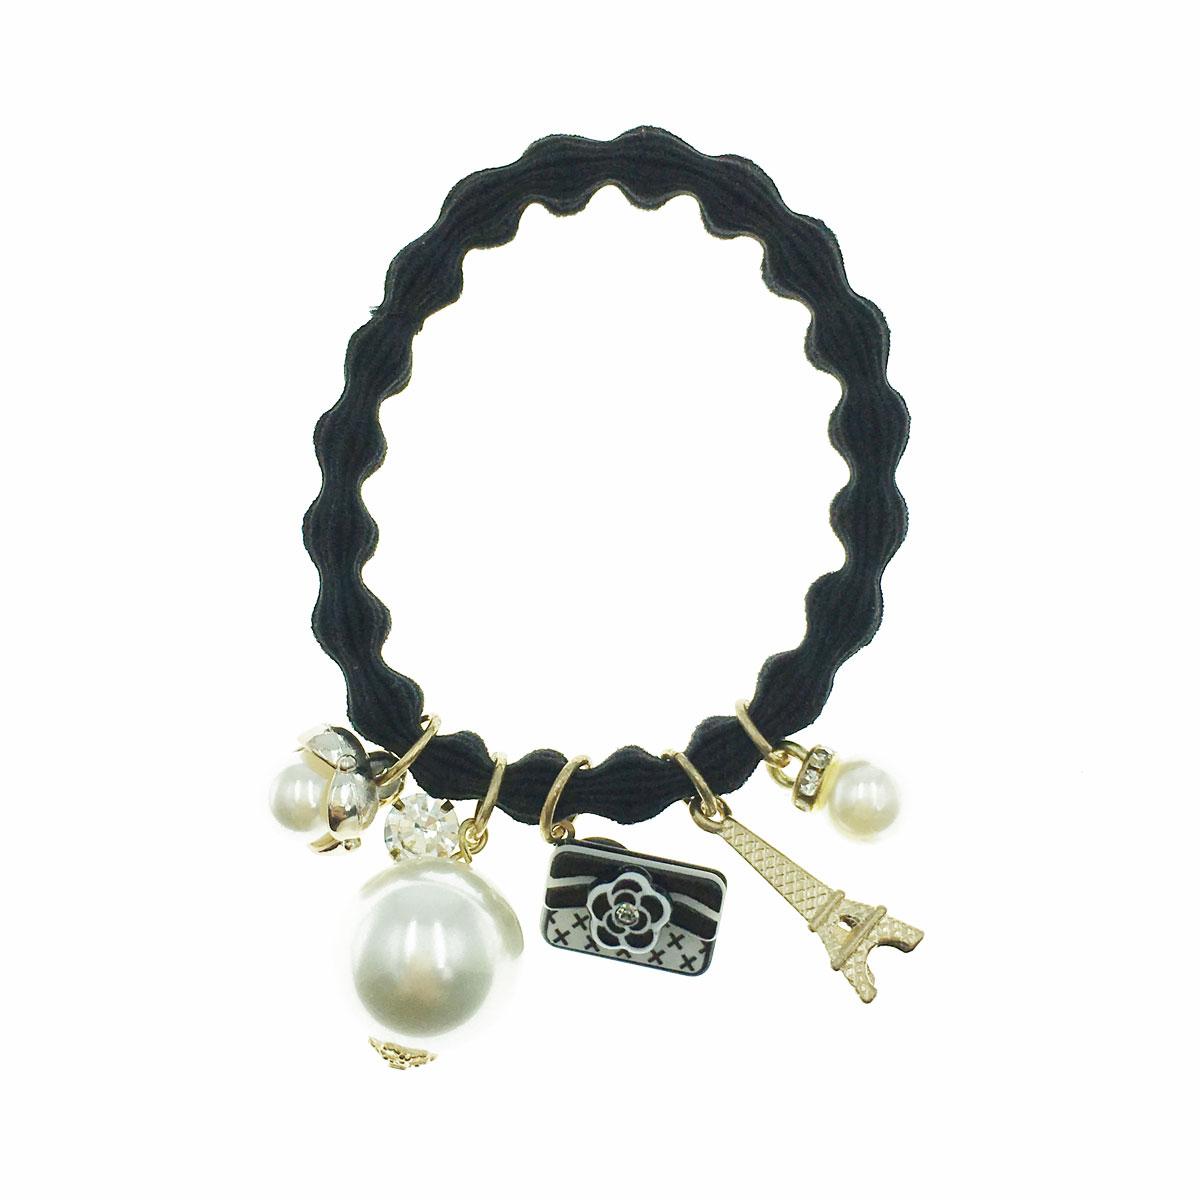 韓國 珍珠 水鑽 鐵塔 小香包 小香風 髮束 髮圈 髮飾